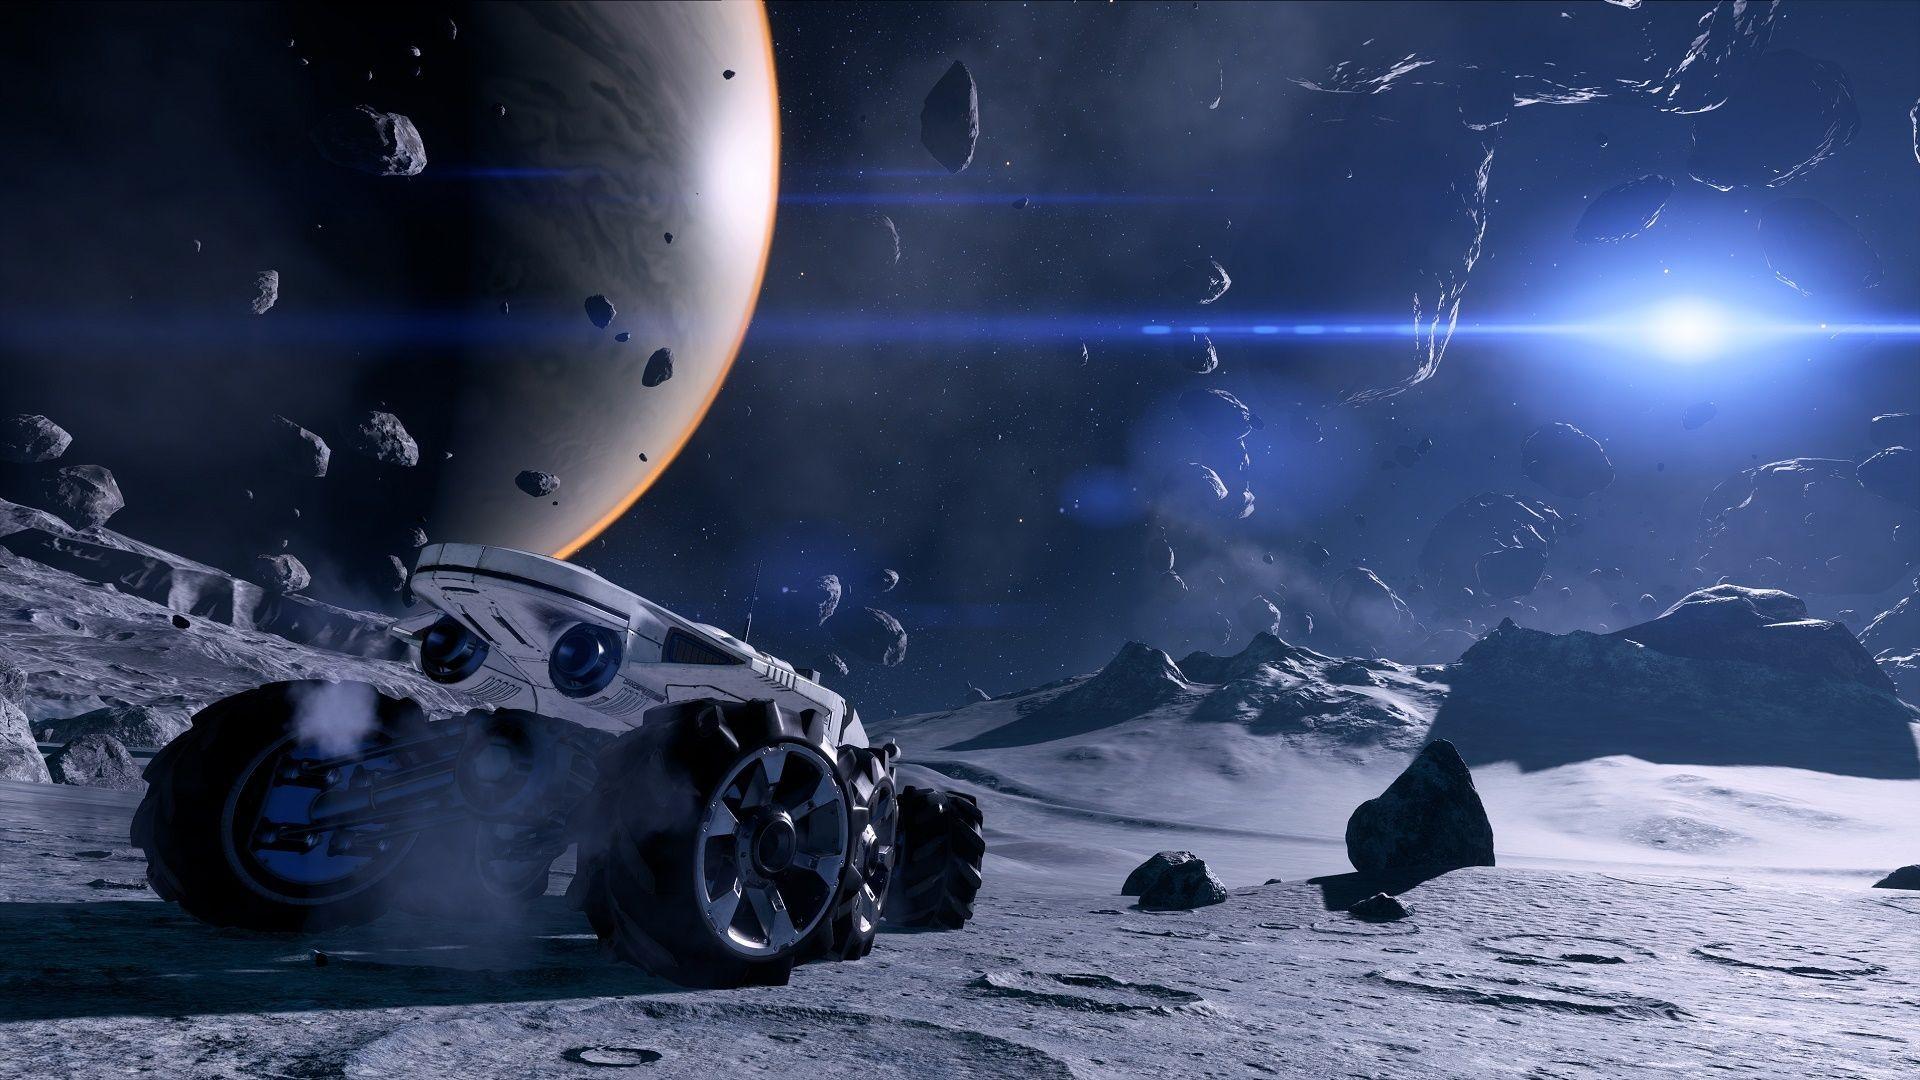 Mass Effect computer wallpaper